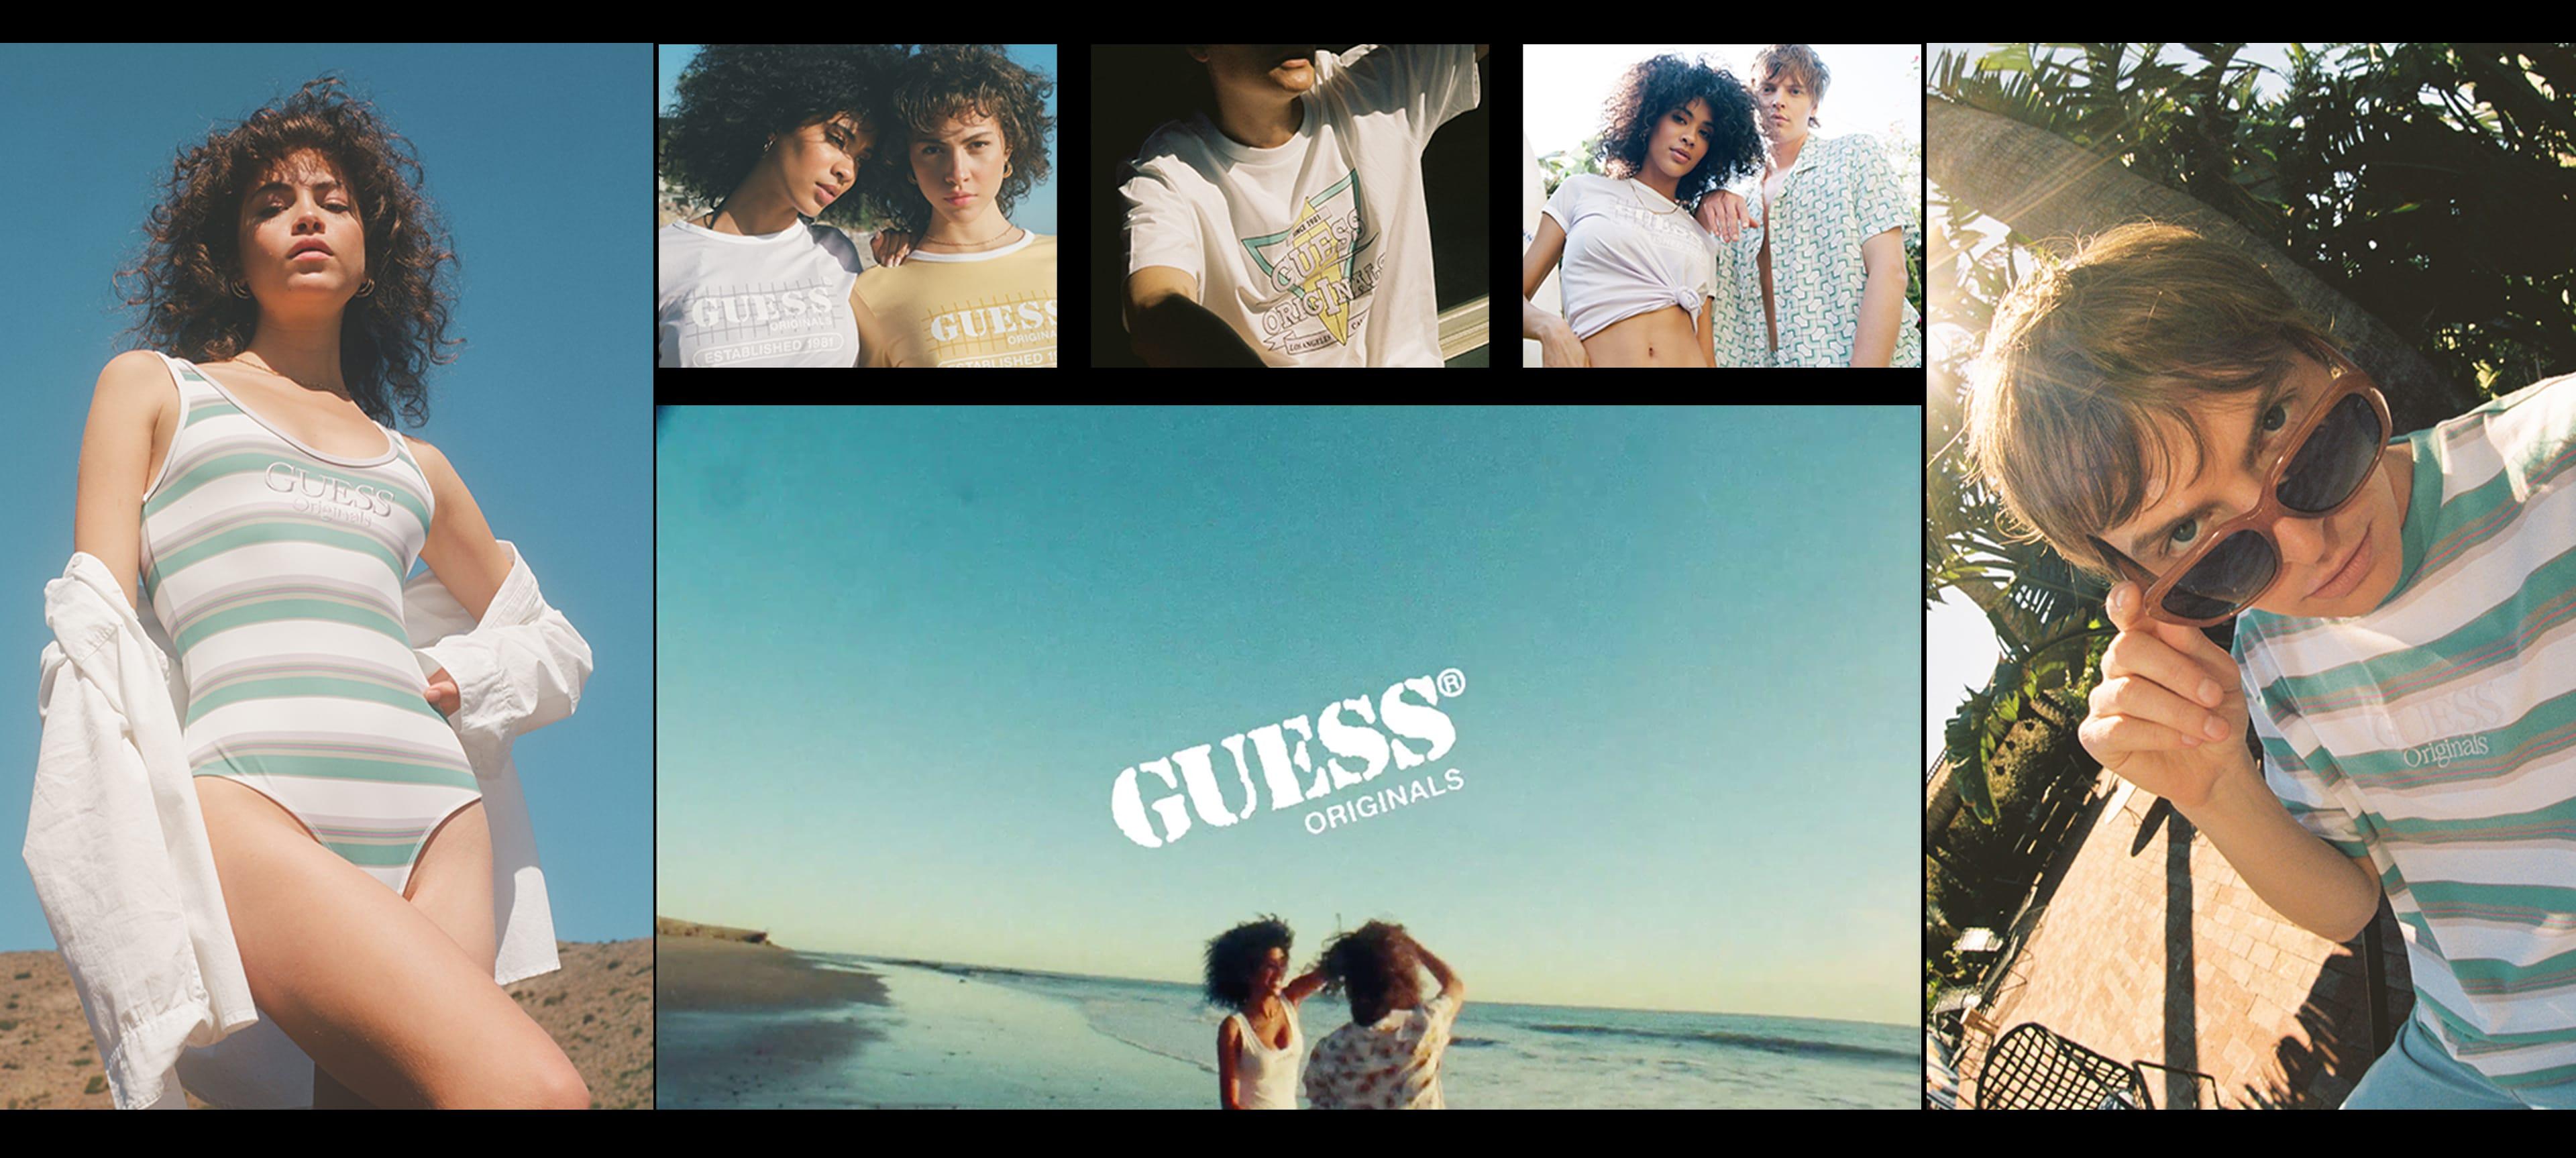 GUESS Originals Summer